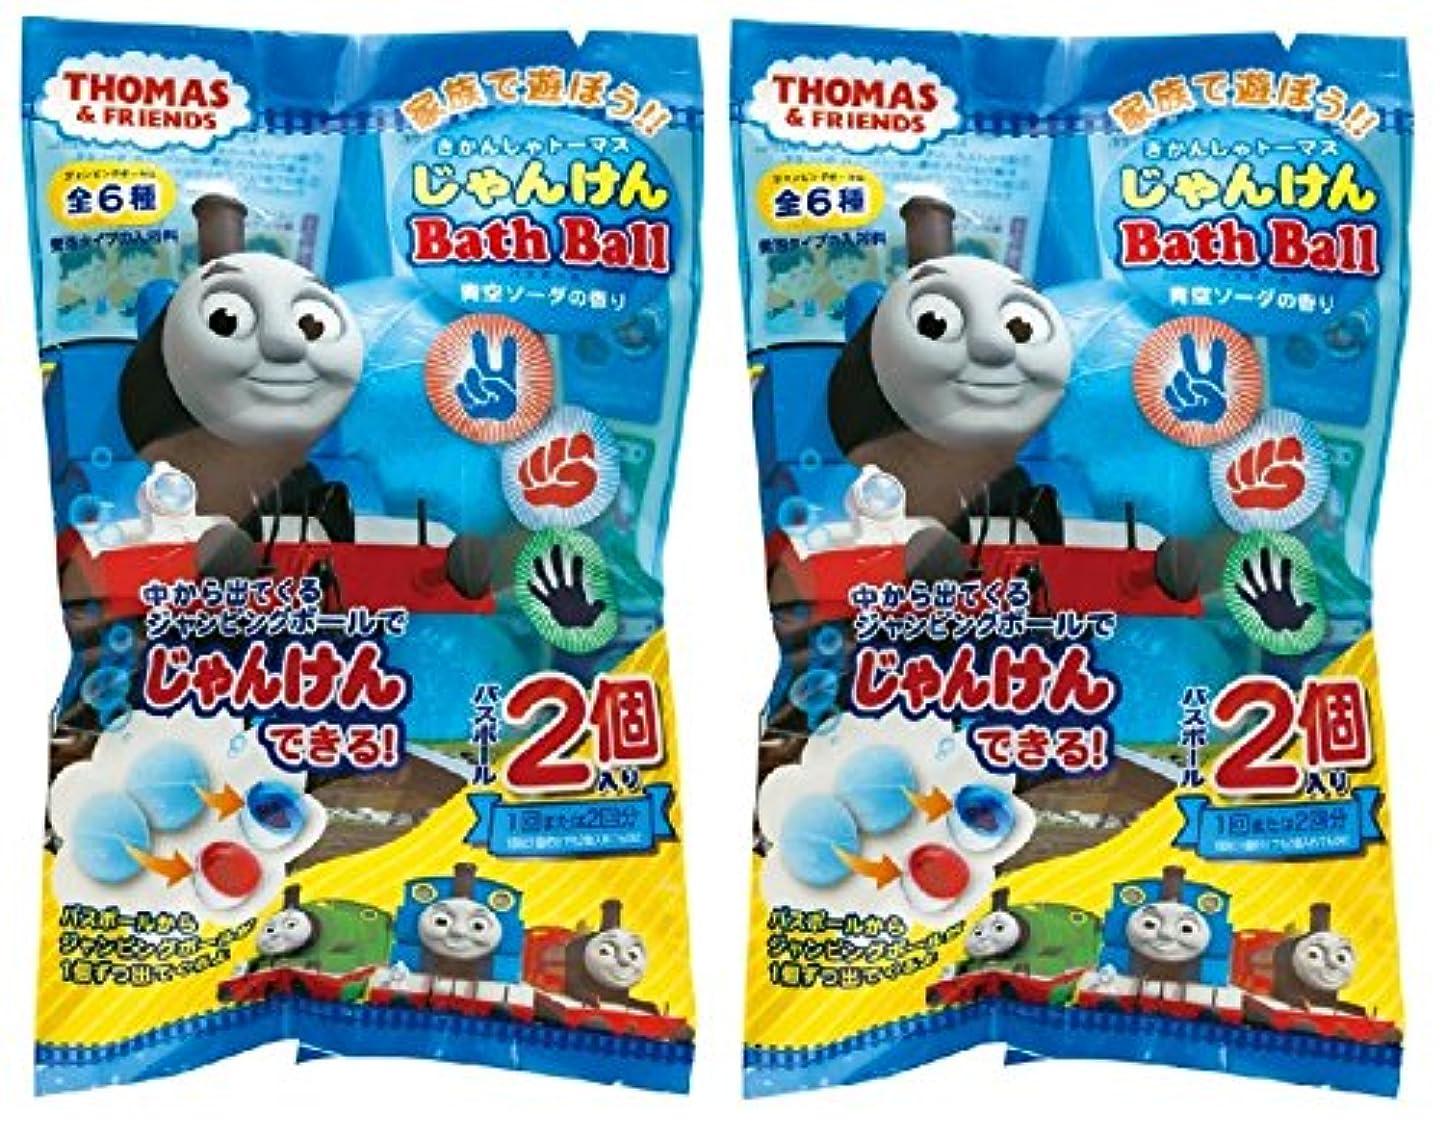 ずるい製油所サッカー【2袋セット】きかんしゃトーマス 入浴剤 じゃんけんバスボール 2個入り おまけ付き 青色ソーダの香り OB-TOB-4-1